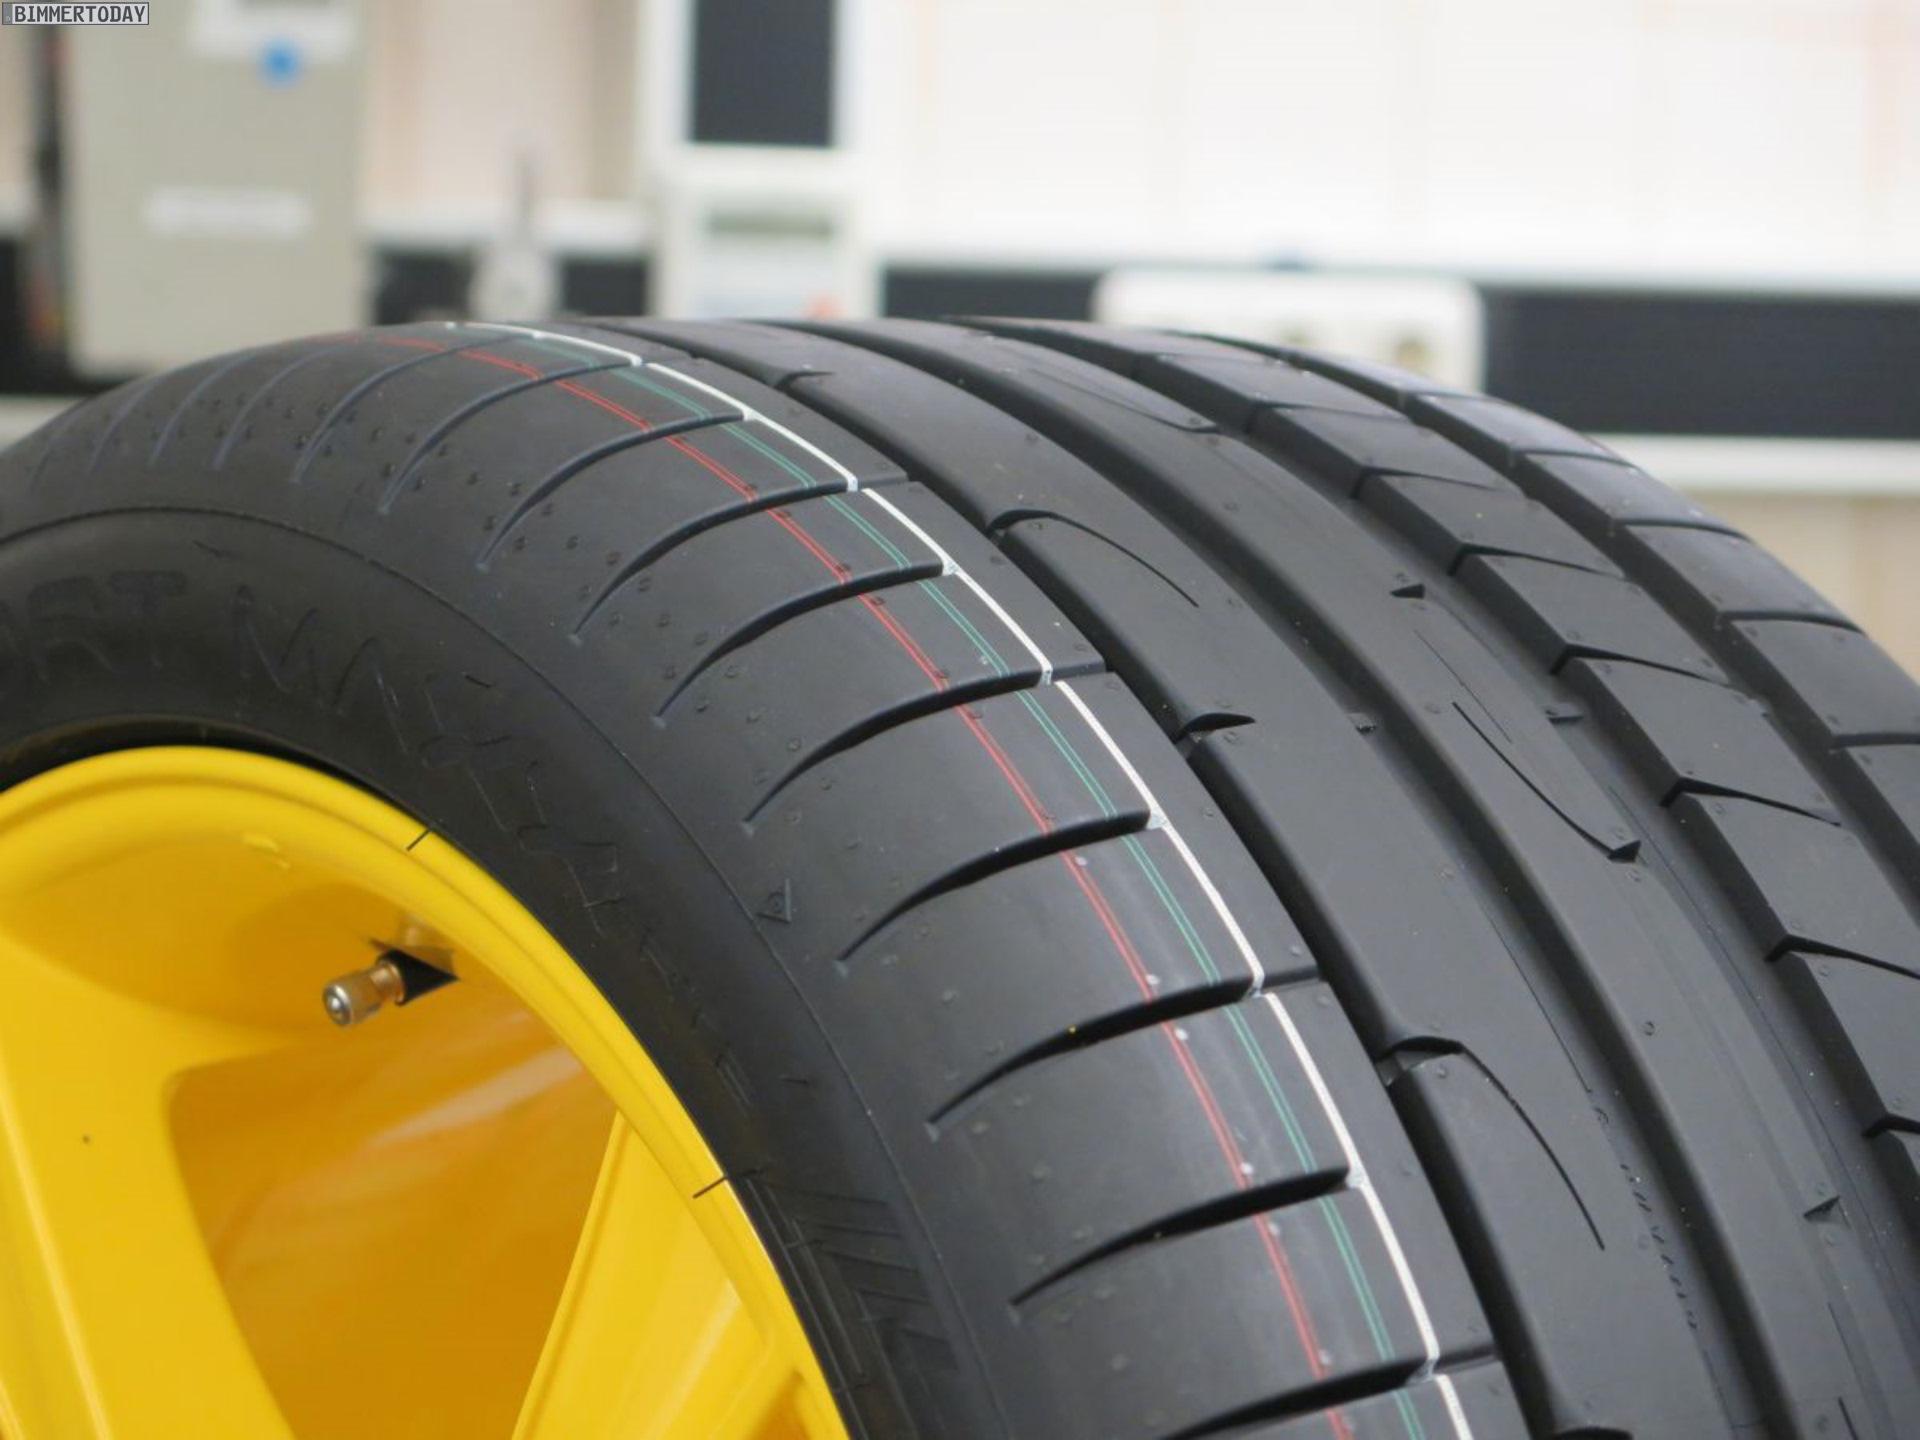 Anzeige Dunlop Zeigt Reifen Entwicklung Und Produktion